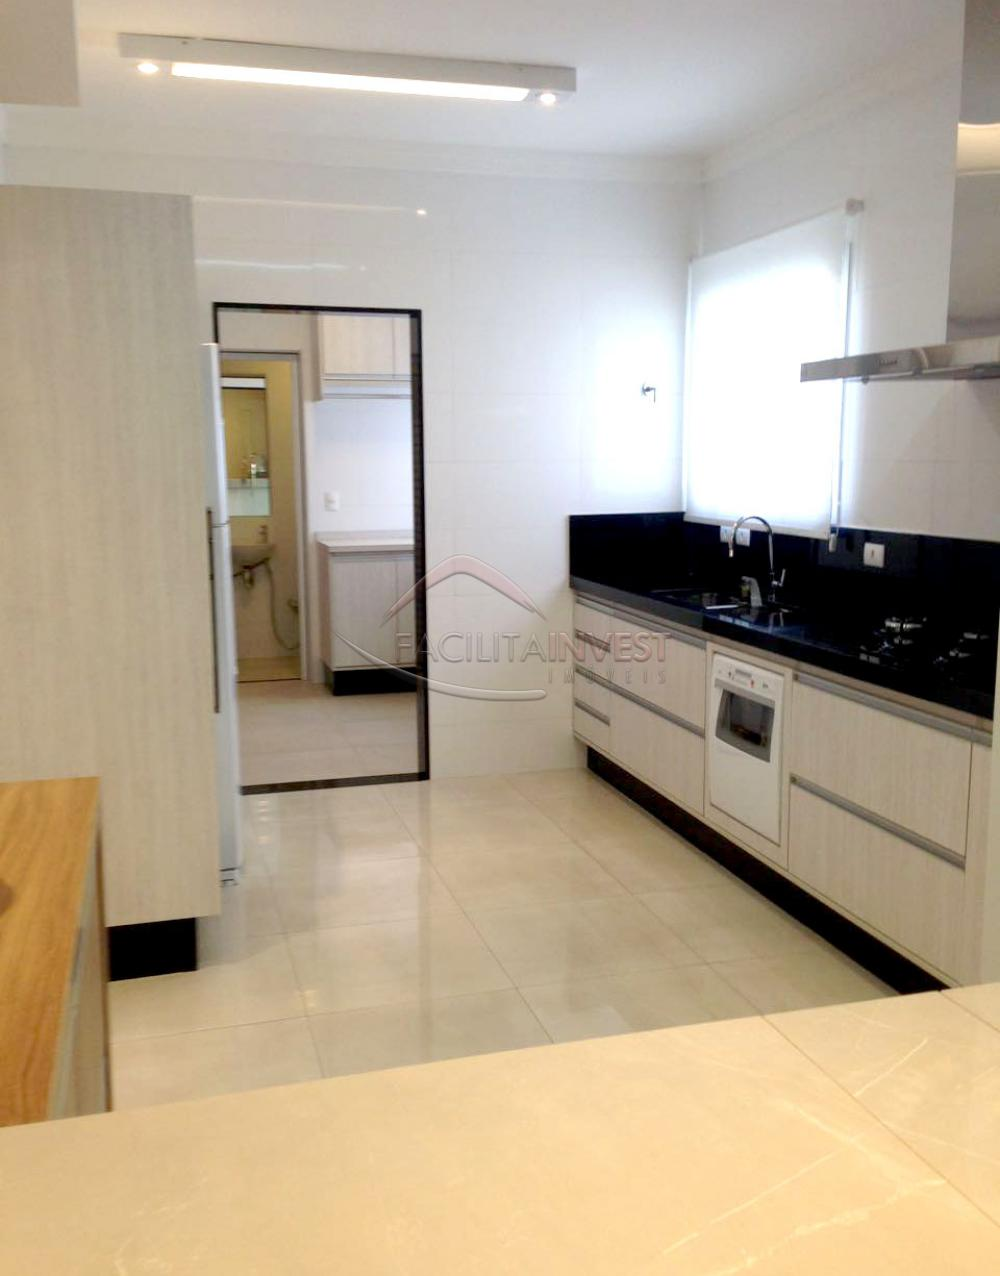 Comprar Lançamentos/ Empreendimentos em Construç / Apartamento padrão - Lançamento em Ribeirão Preto apenas R$ 958.391,00 - Foto 5